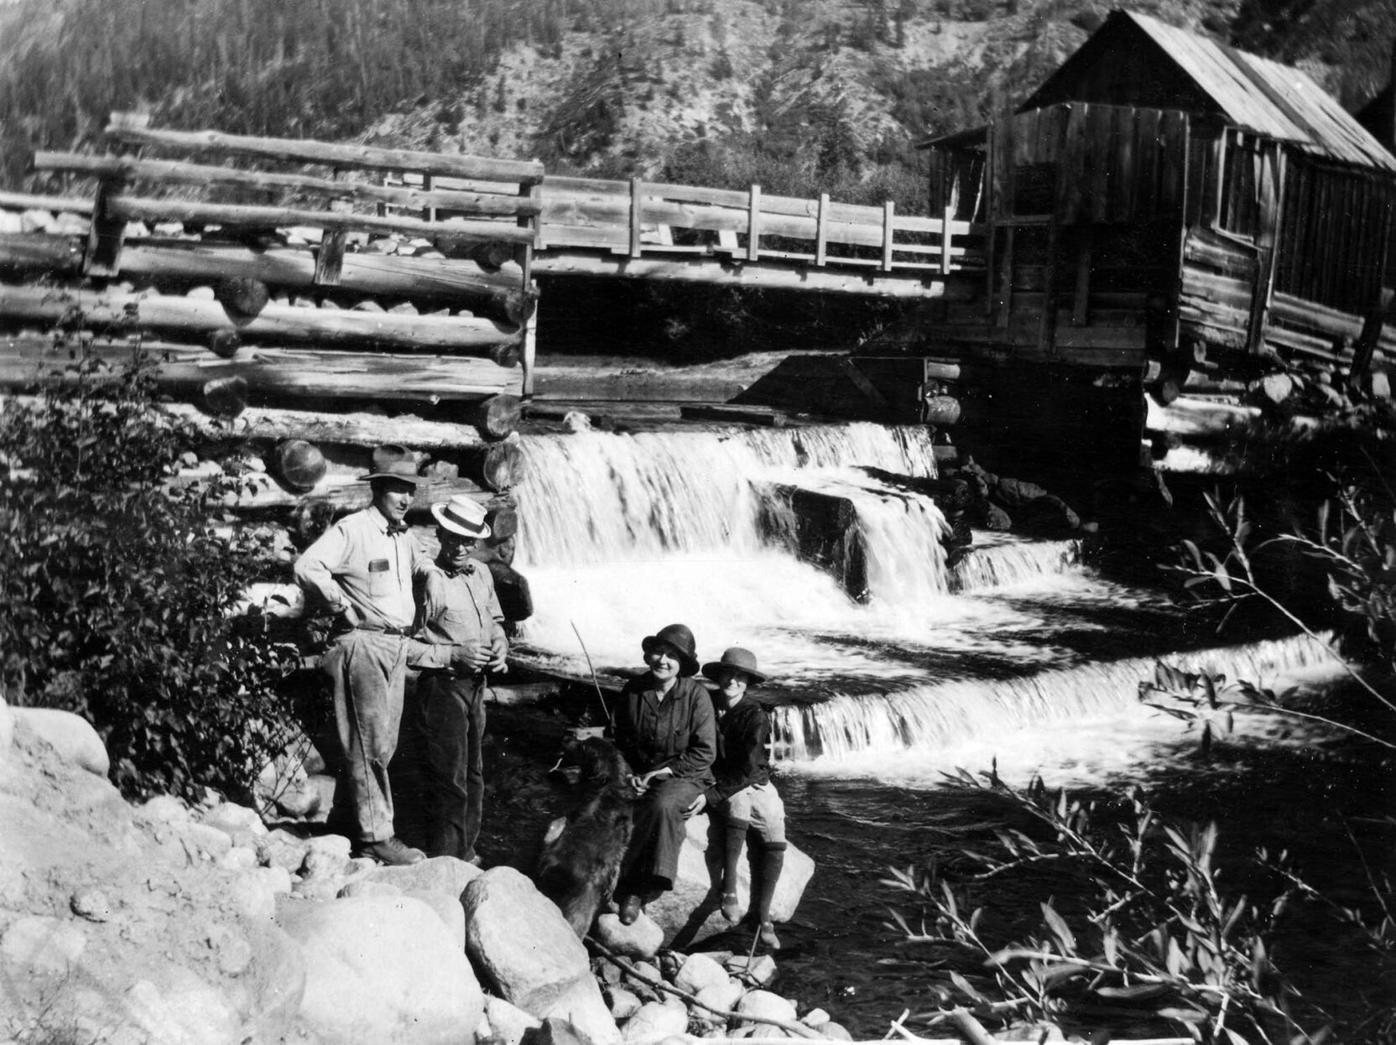 2013.048.1871_Hunter Creek Dam, 1917-